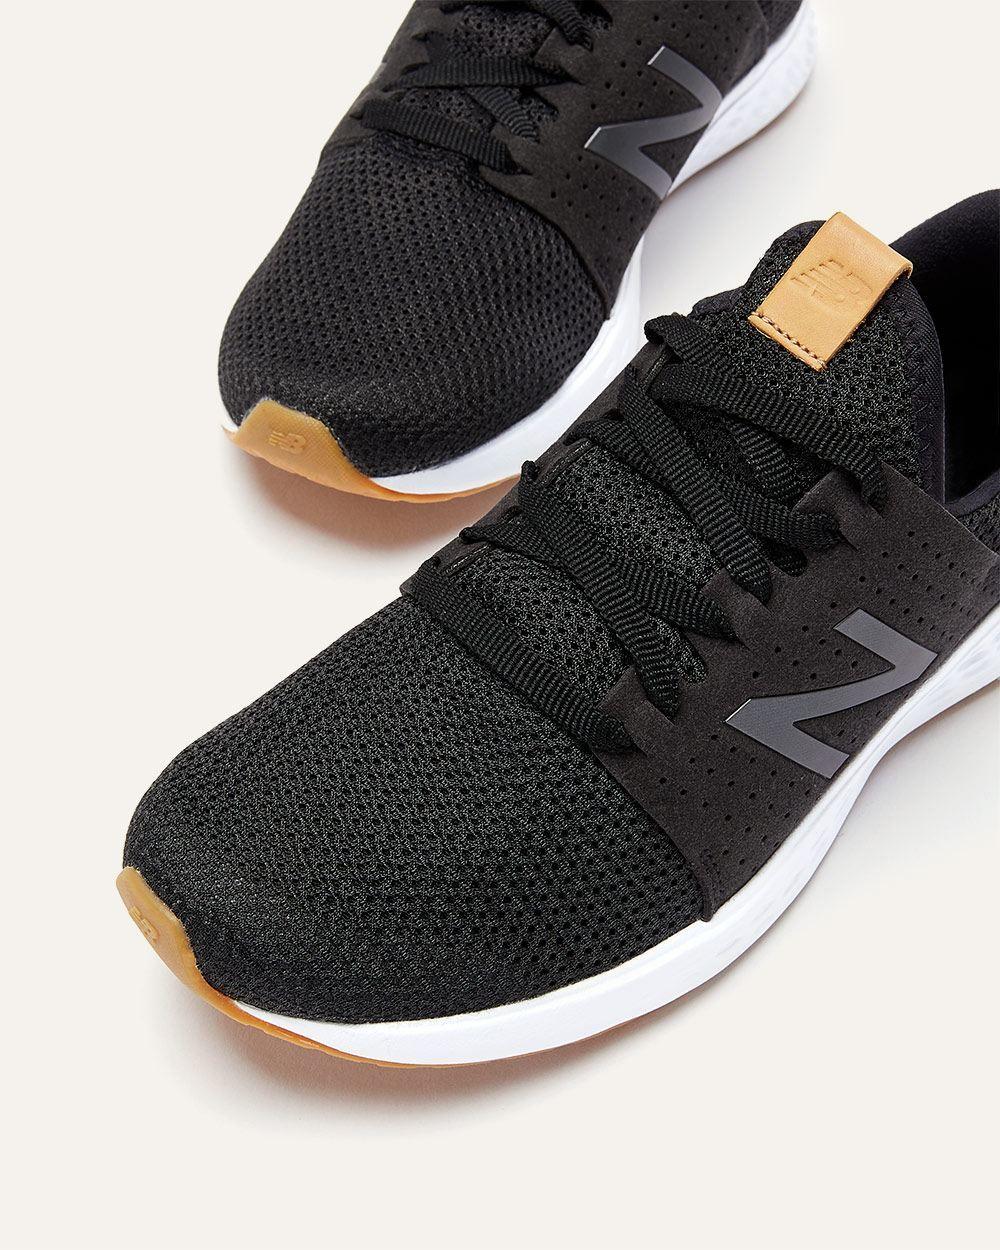 Fresh Foam sports espadrille, wide feet - New Balance | Wide fit ...